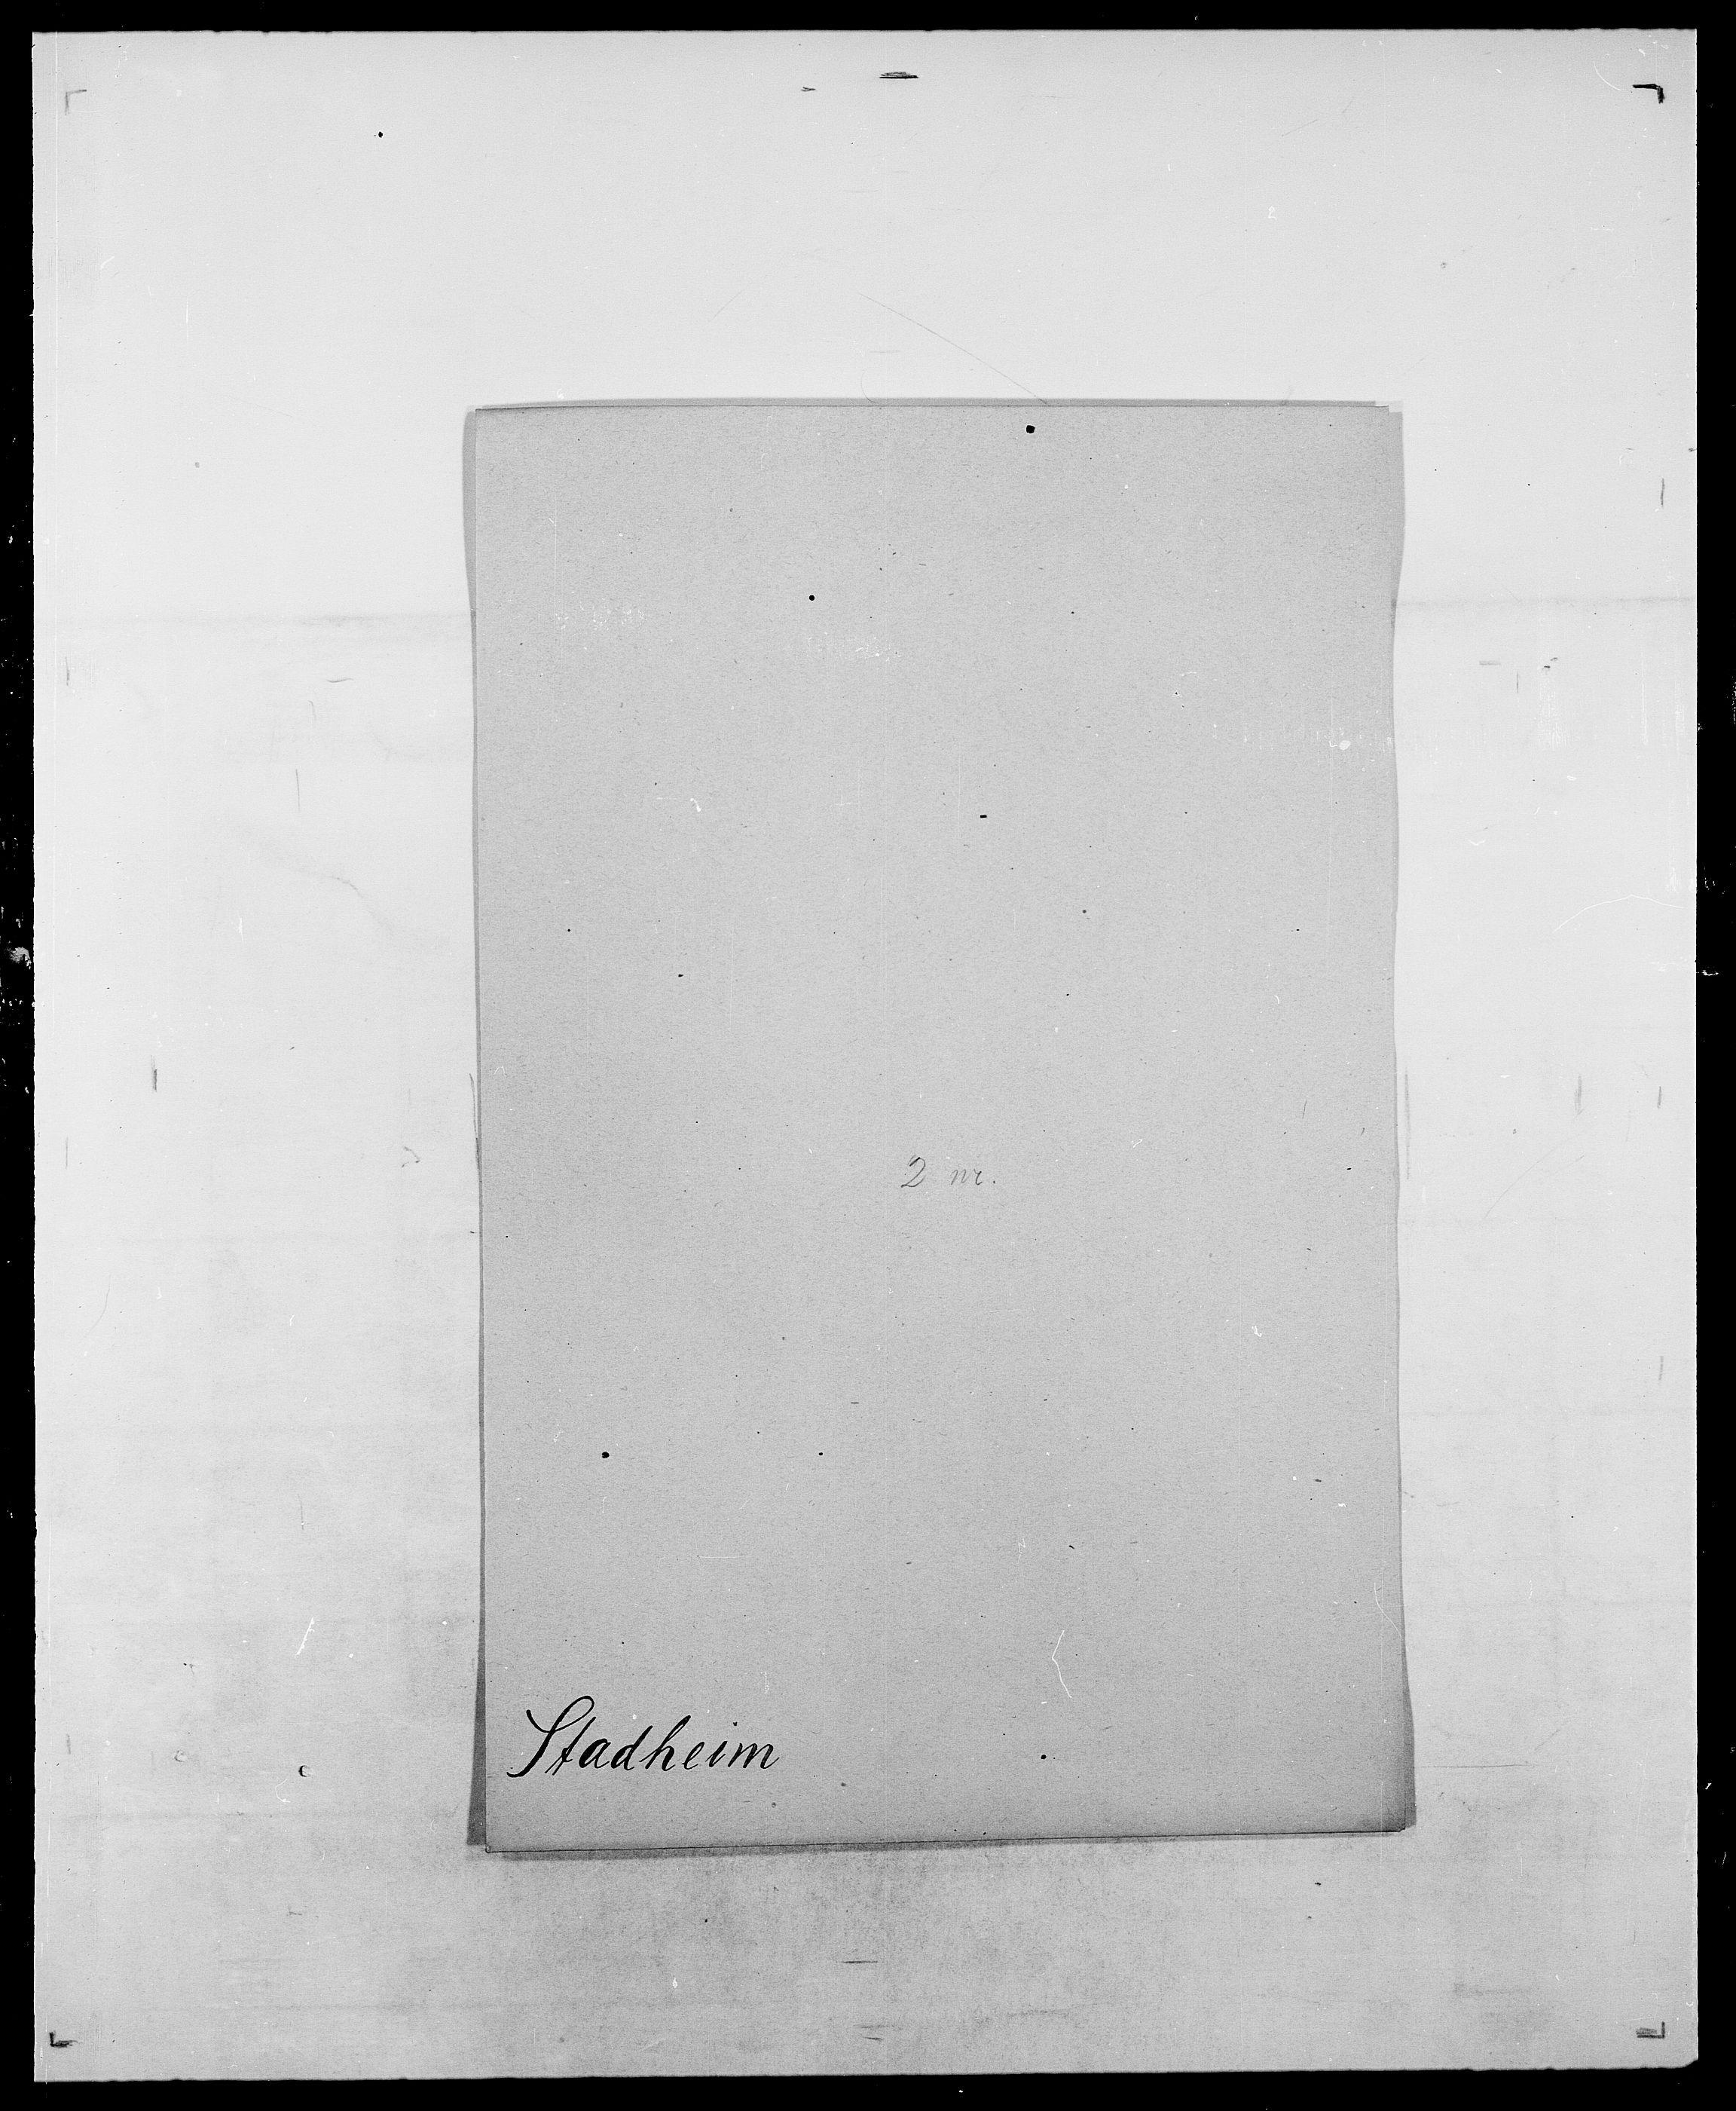 SAO, Delgobe, Charles Antoine - samling, D/Da/L0036: Skaanør - Staverskov, s. 922